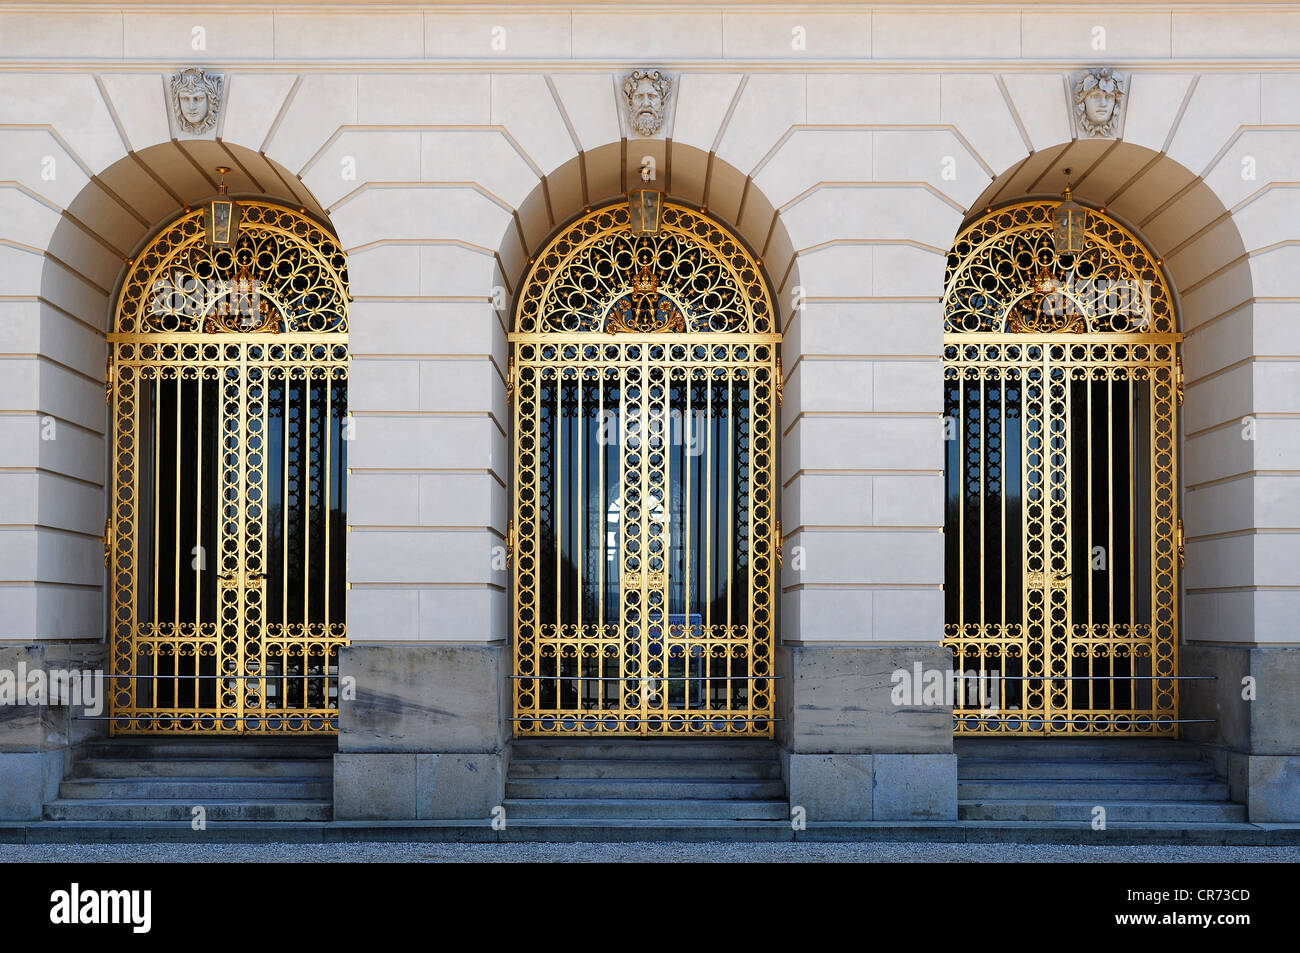 Three gilded gates at the entrance of Herrenchiemsee Palace, Herreninsel island, Bavaria, Germany, Europe - Stock Image